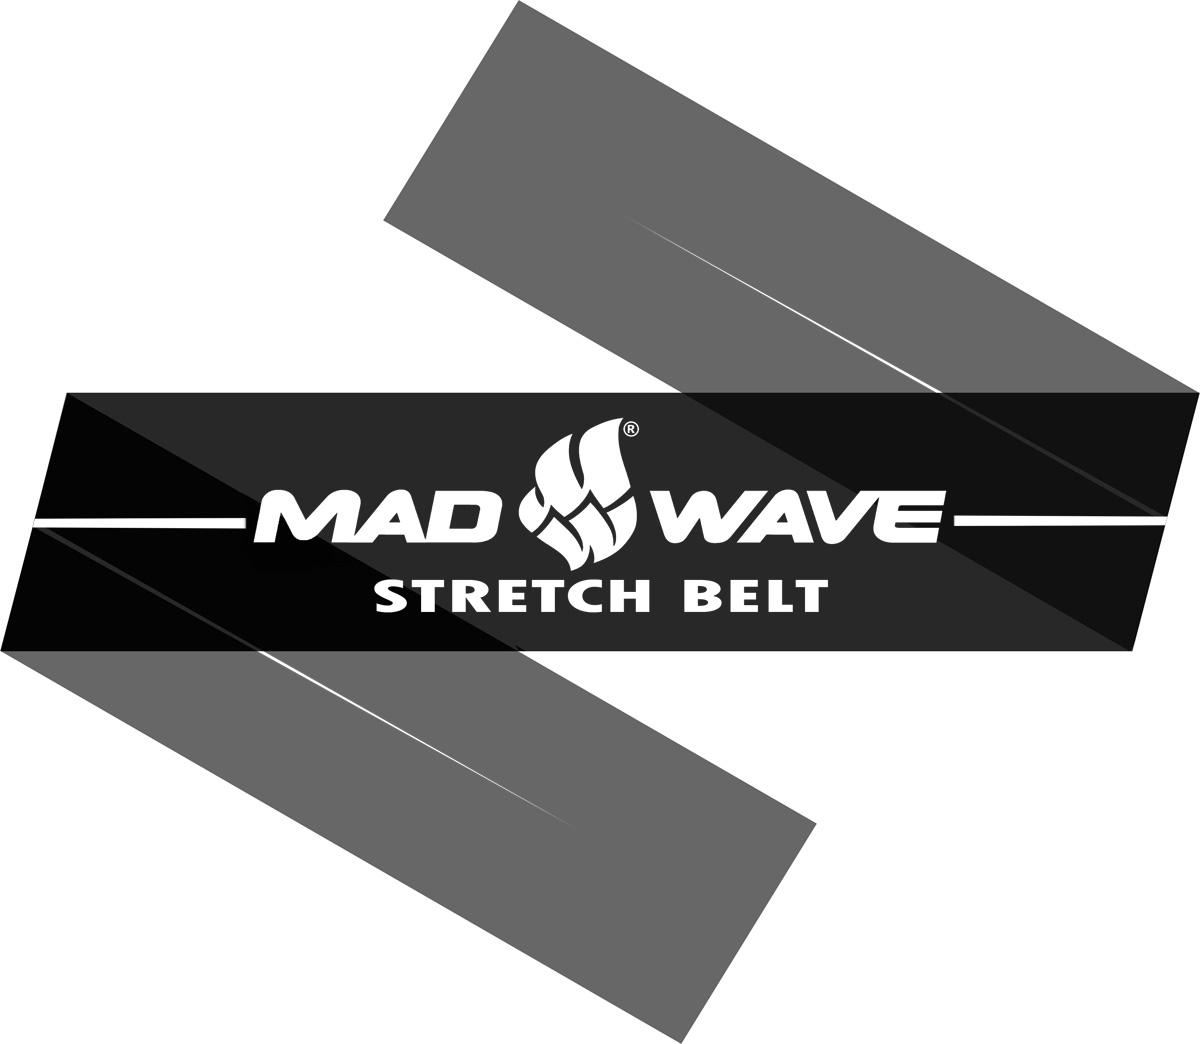 Эспандер Mad Wave Stretch Band, цвет: черный, 150 см х 15 см х 0,04 смM77111101WЭспандер Mad Wave Stretch Band предназначен для тренировки и разогрева мышц. Представляет собой латексную ленту. Может применятся в любом виде спорта. Чрезвычайно компактный.